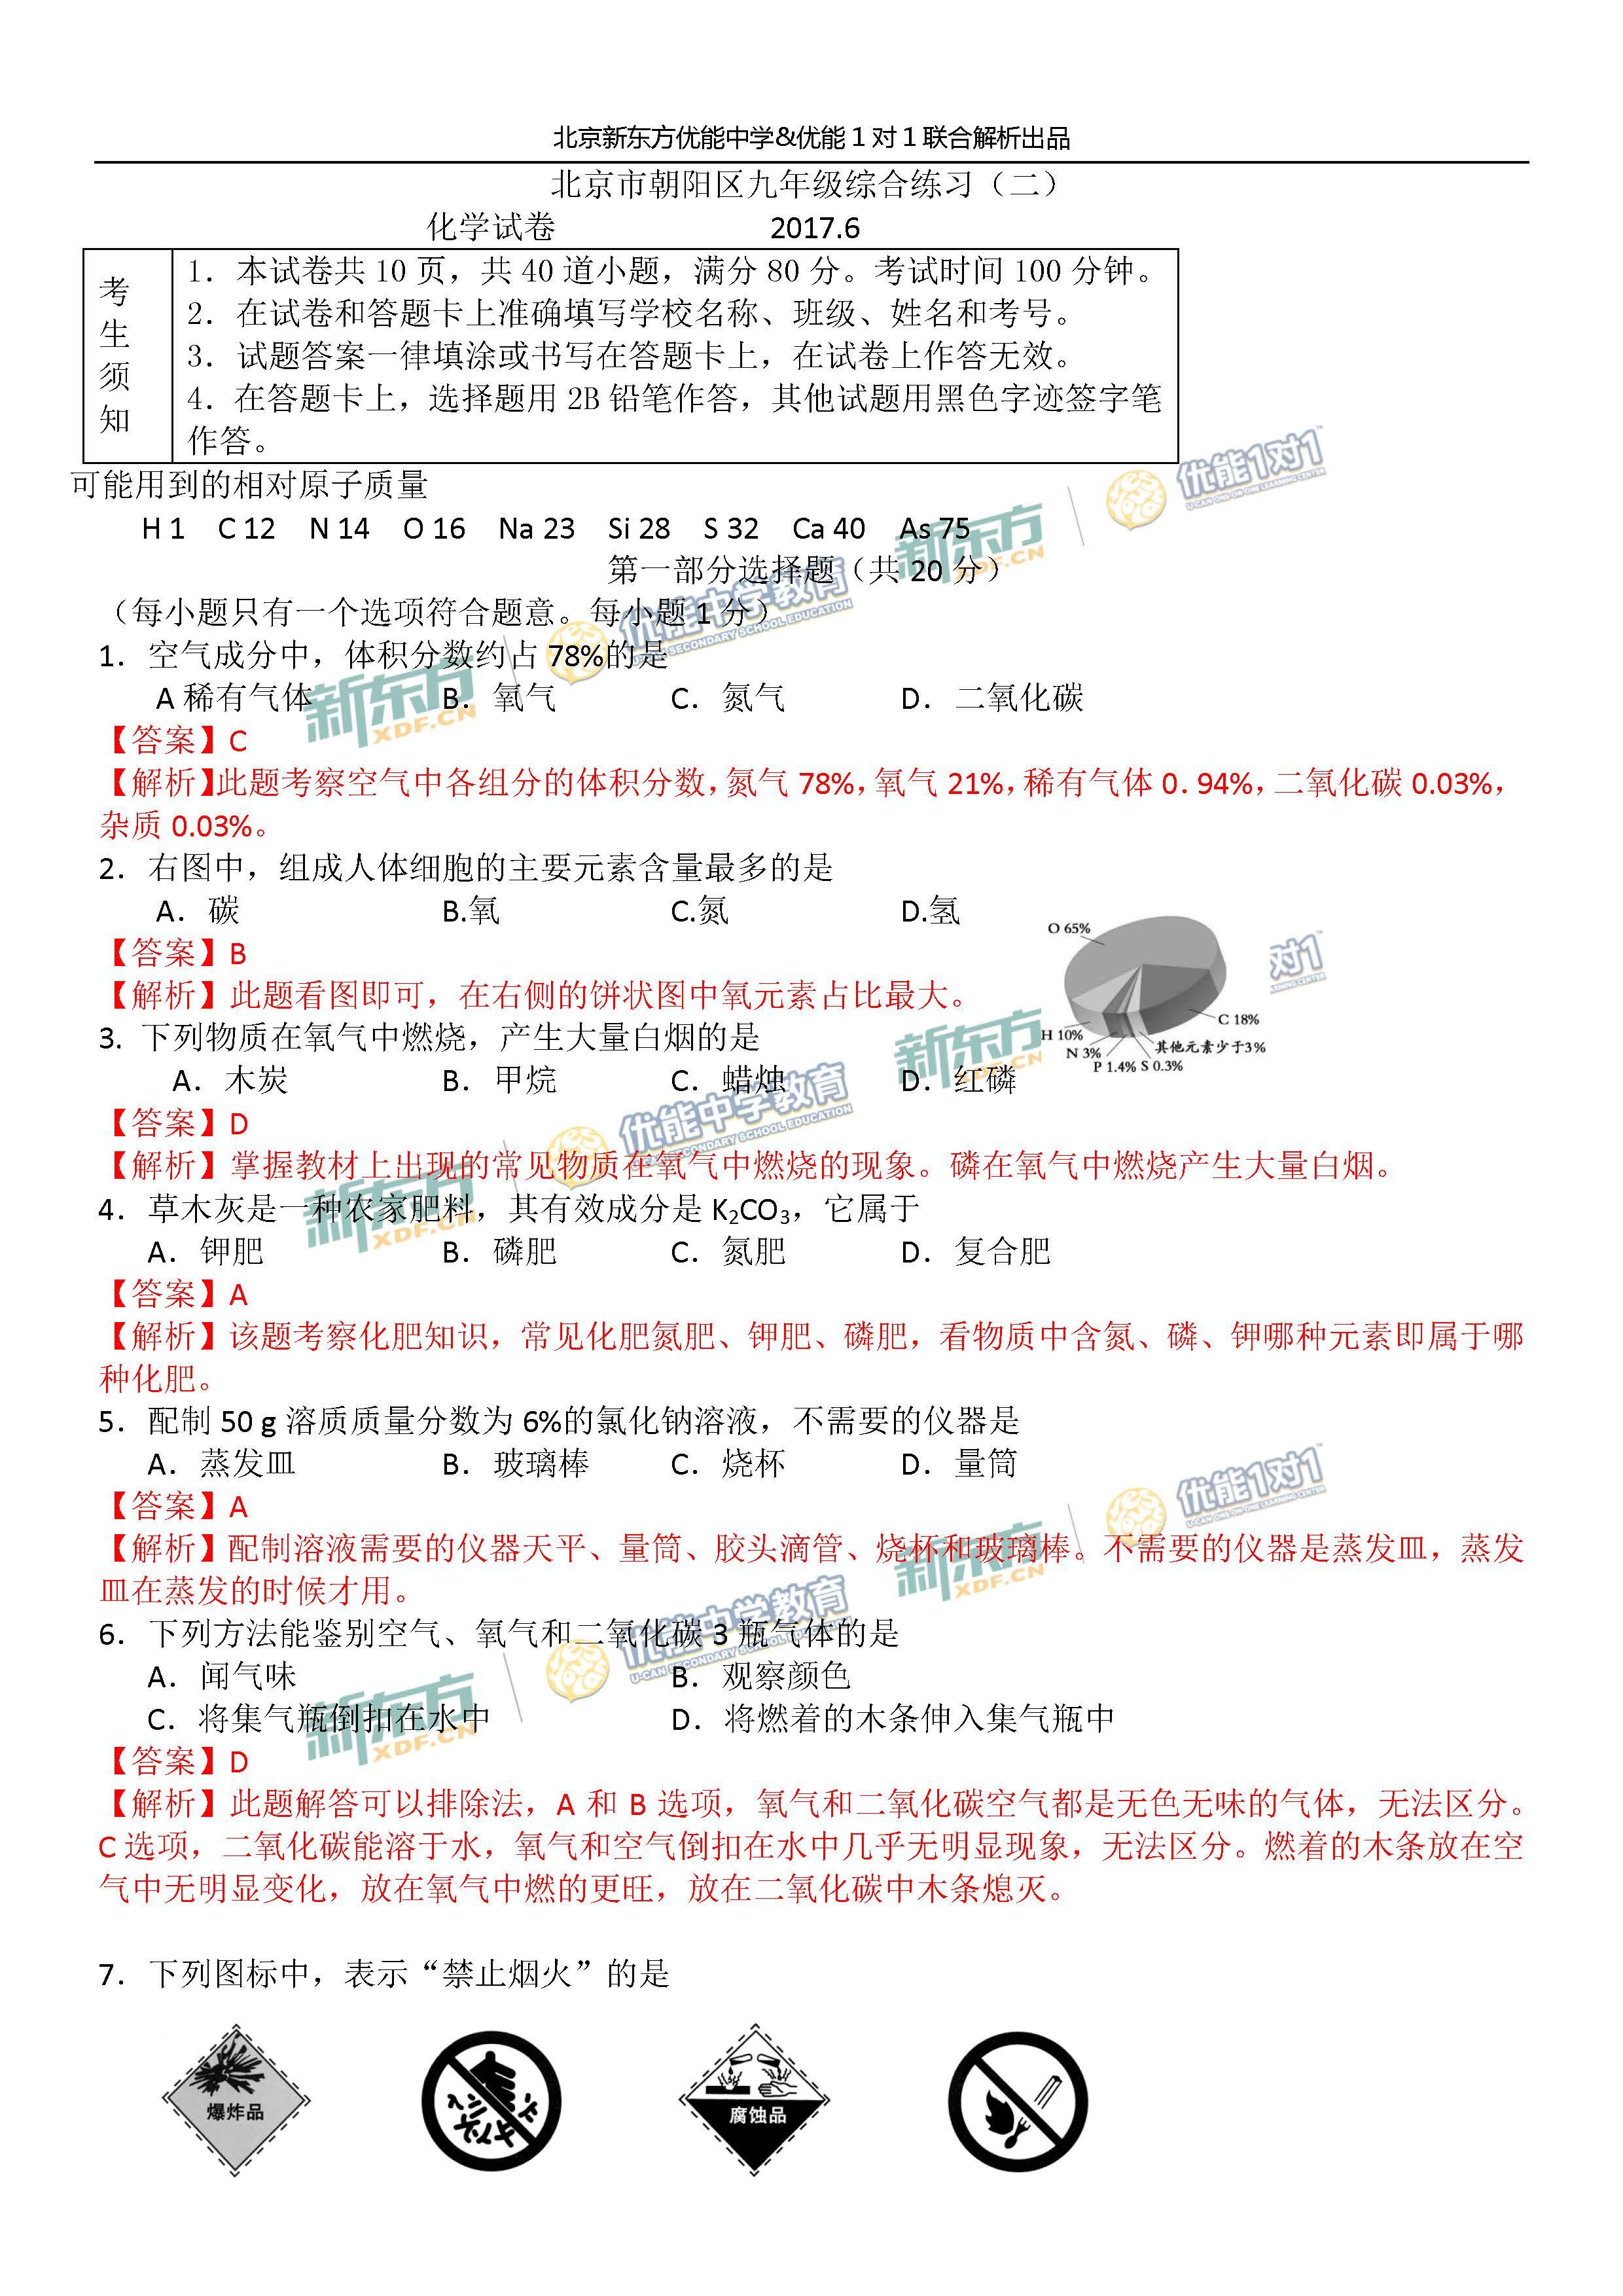 新东方优能名师逐题解析2017朝阳区初三二模化学答案(图片版)